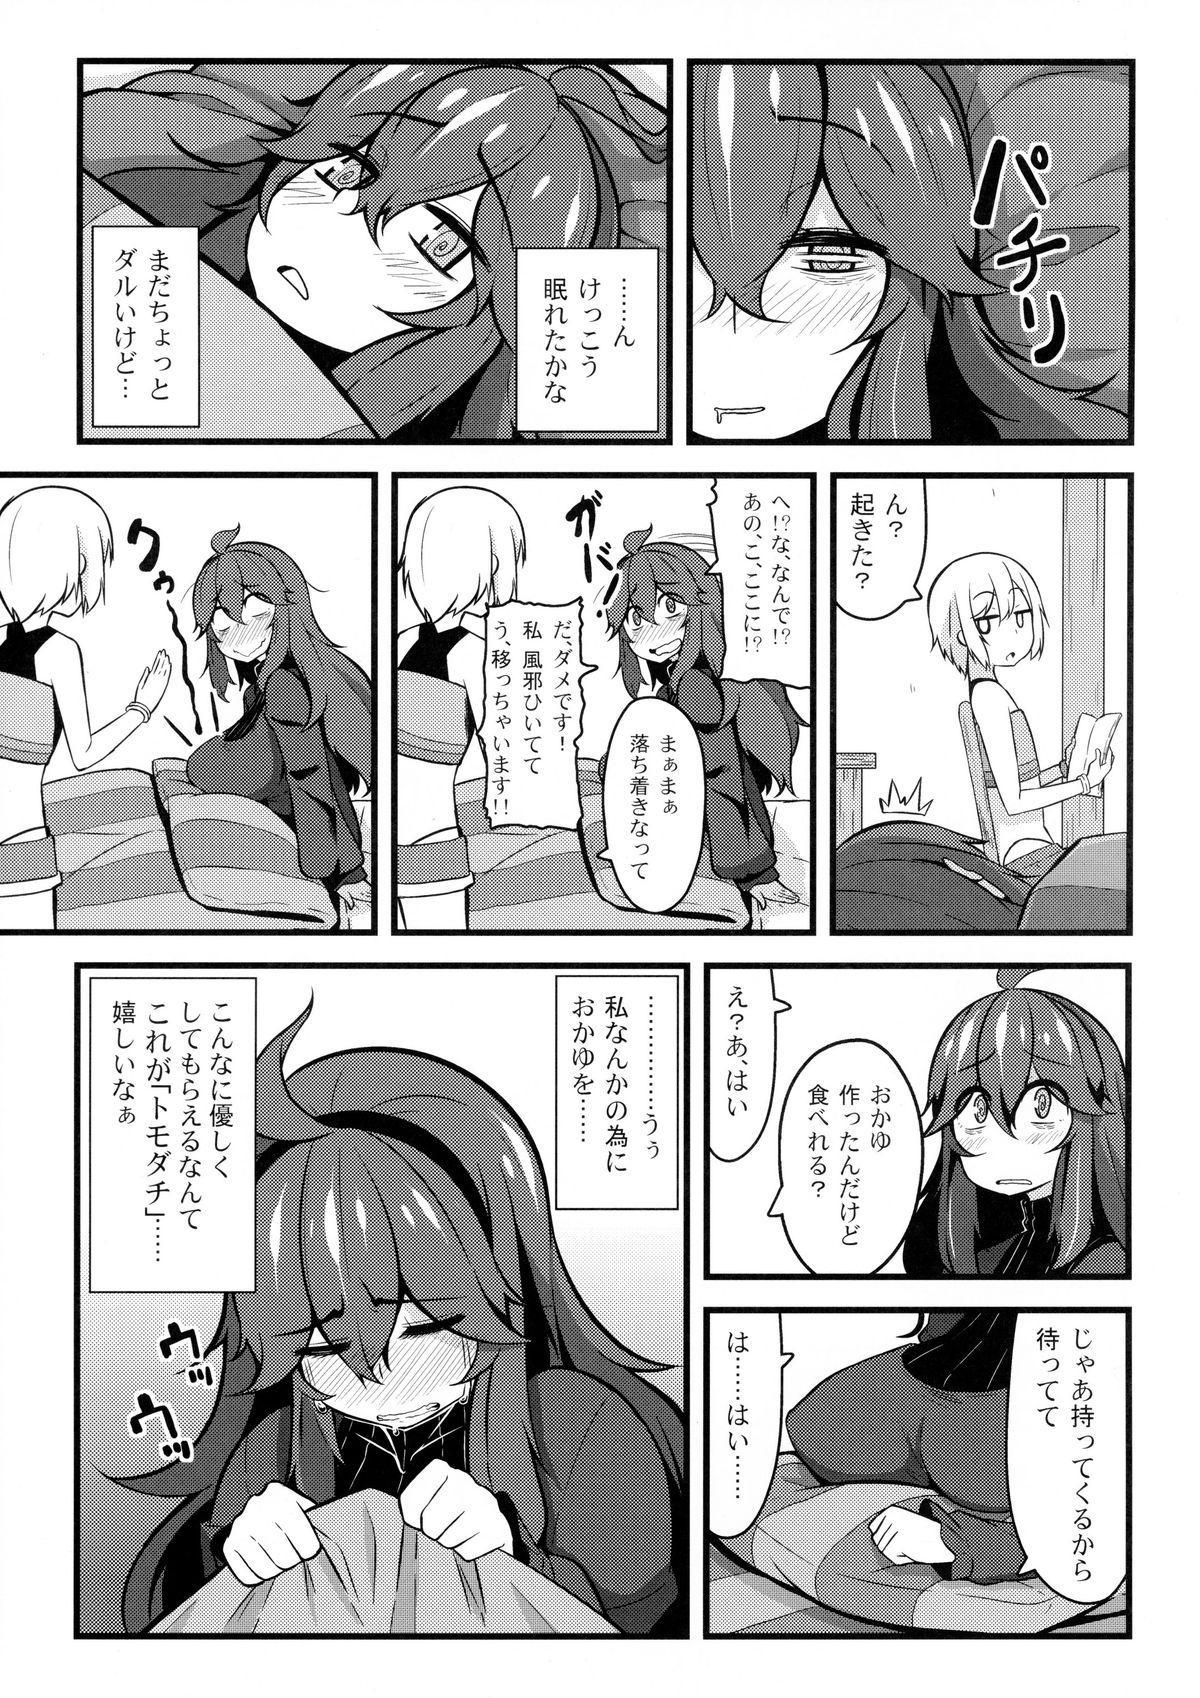 Tomodachi? Maniac 02 5